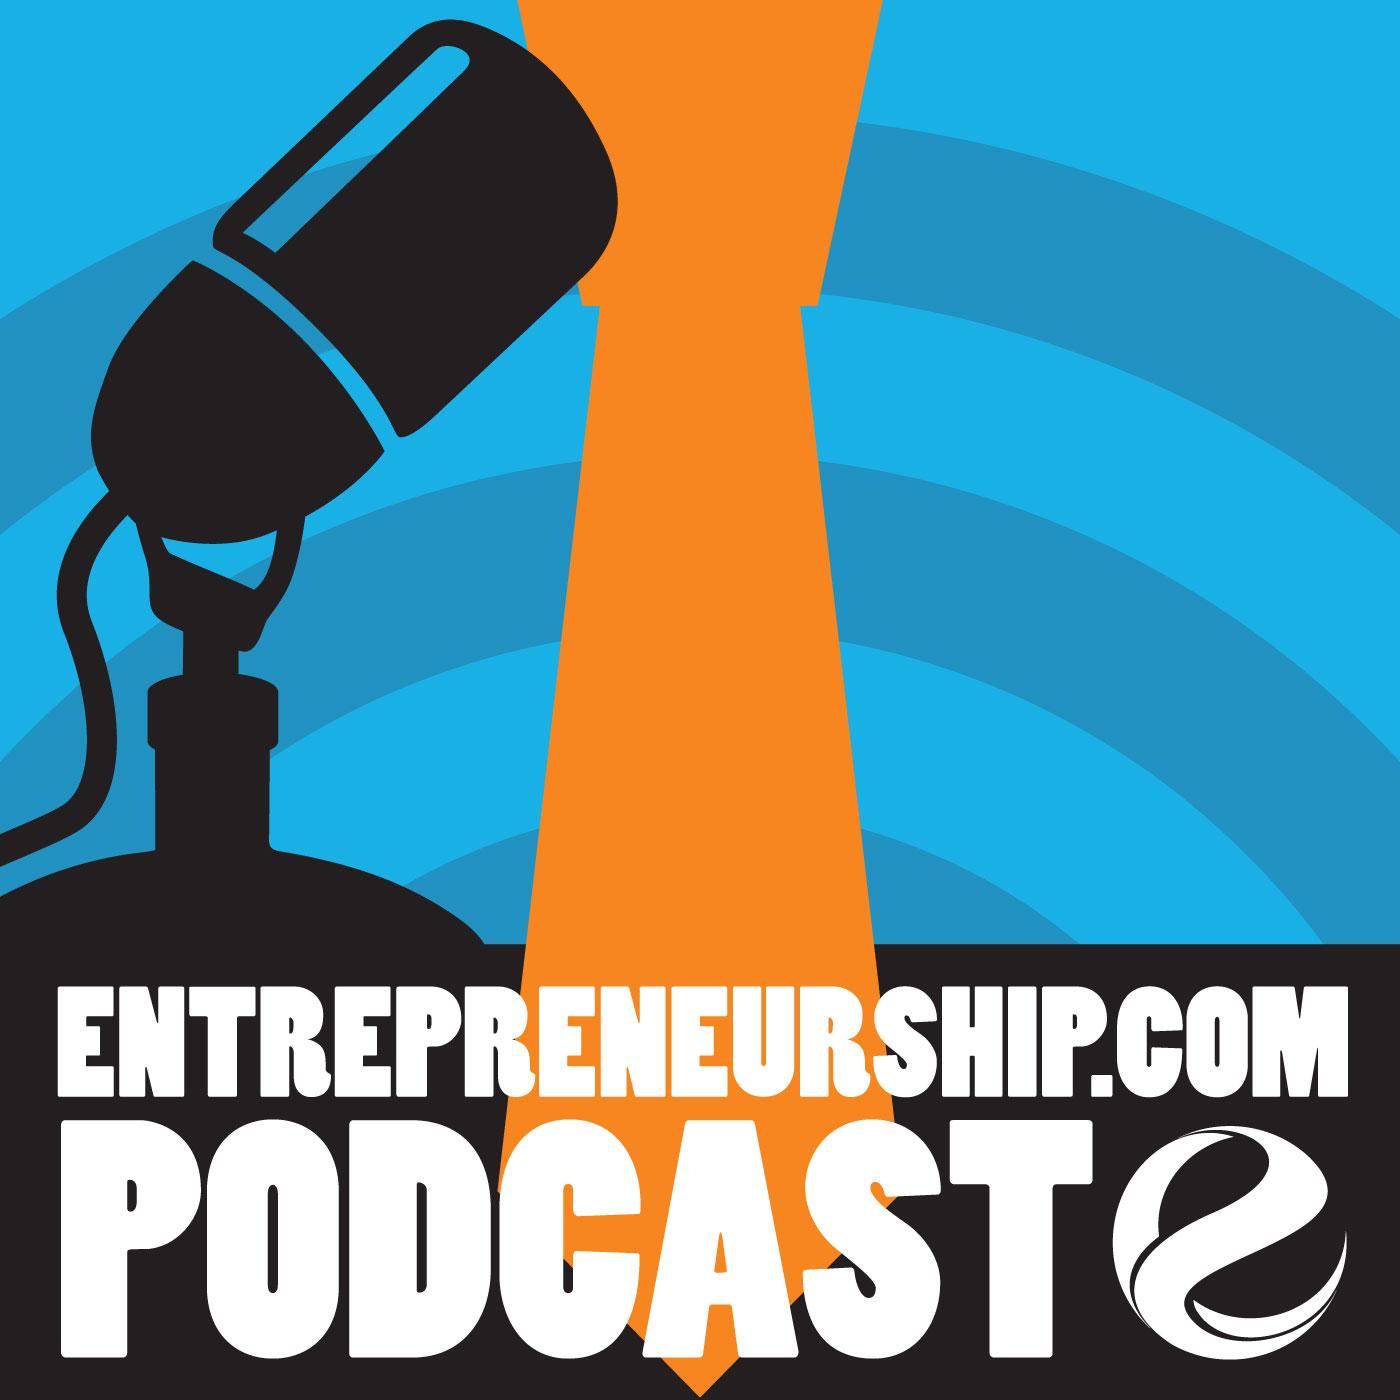 Entrepreneurship.com Podcast